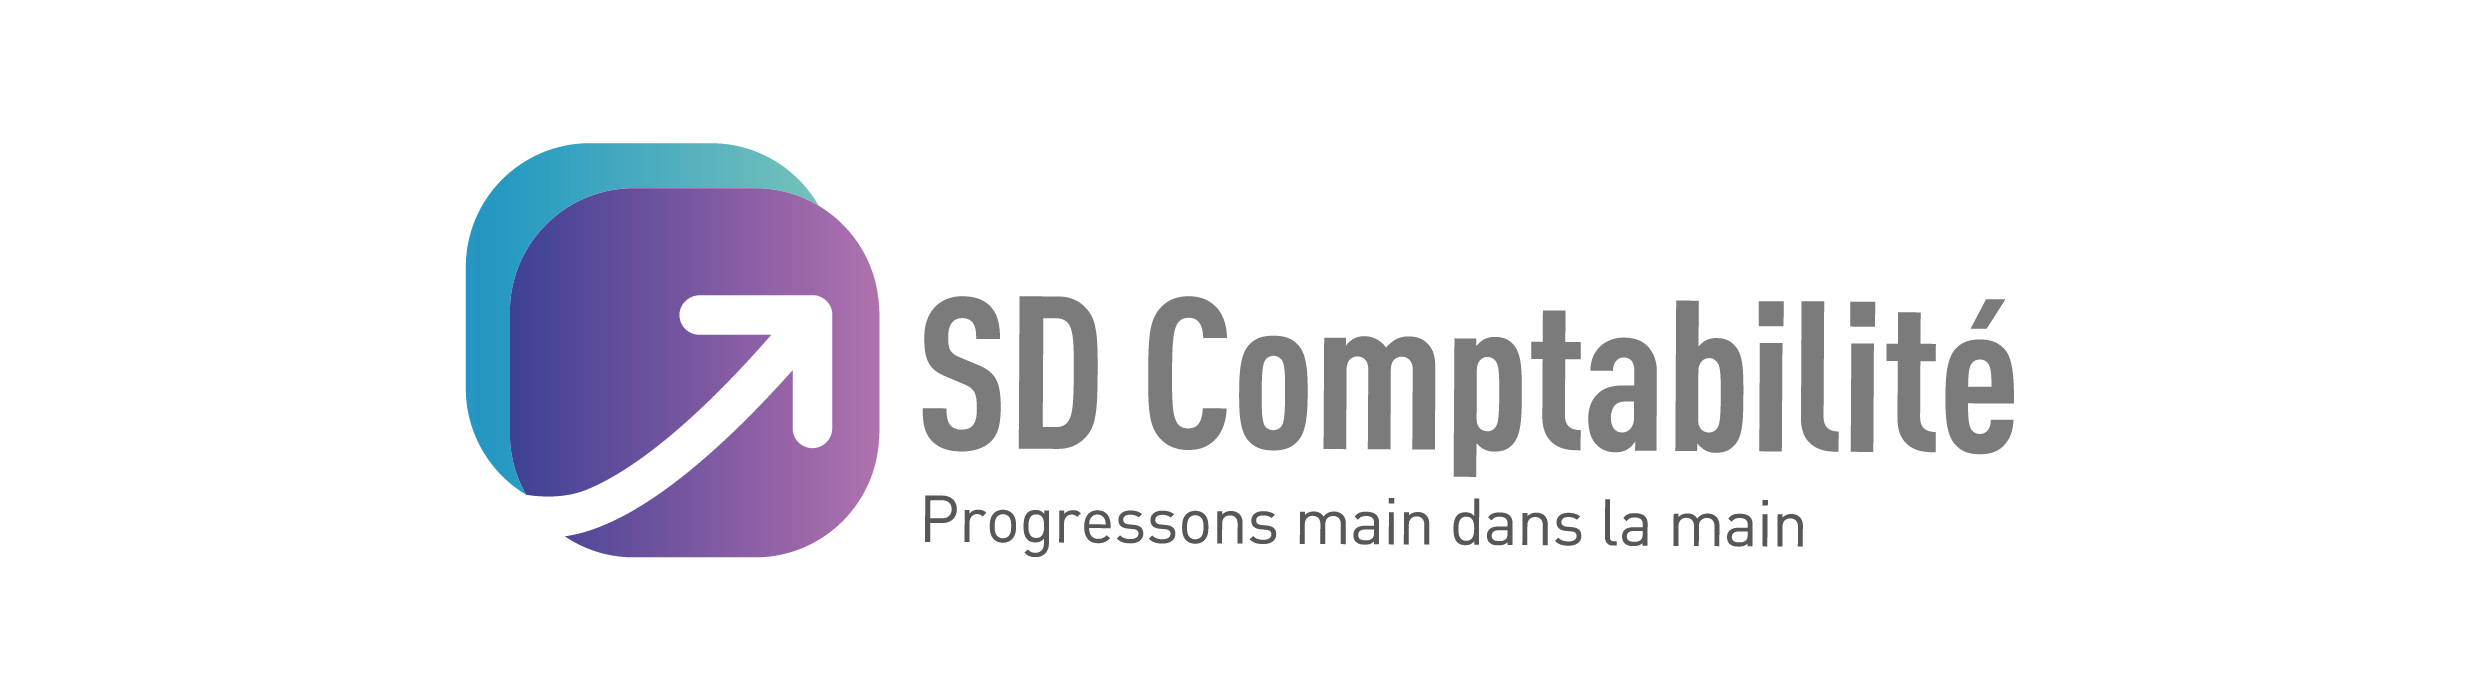 SD Comptabilité